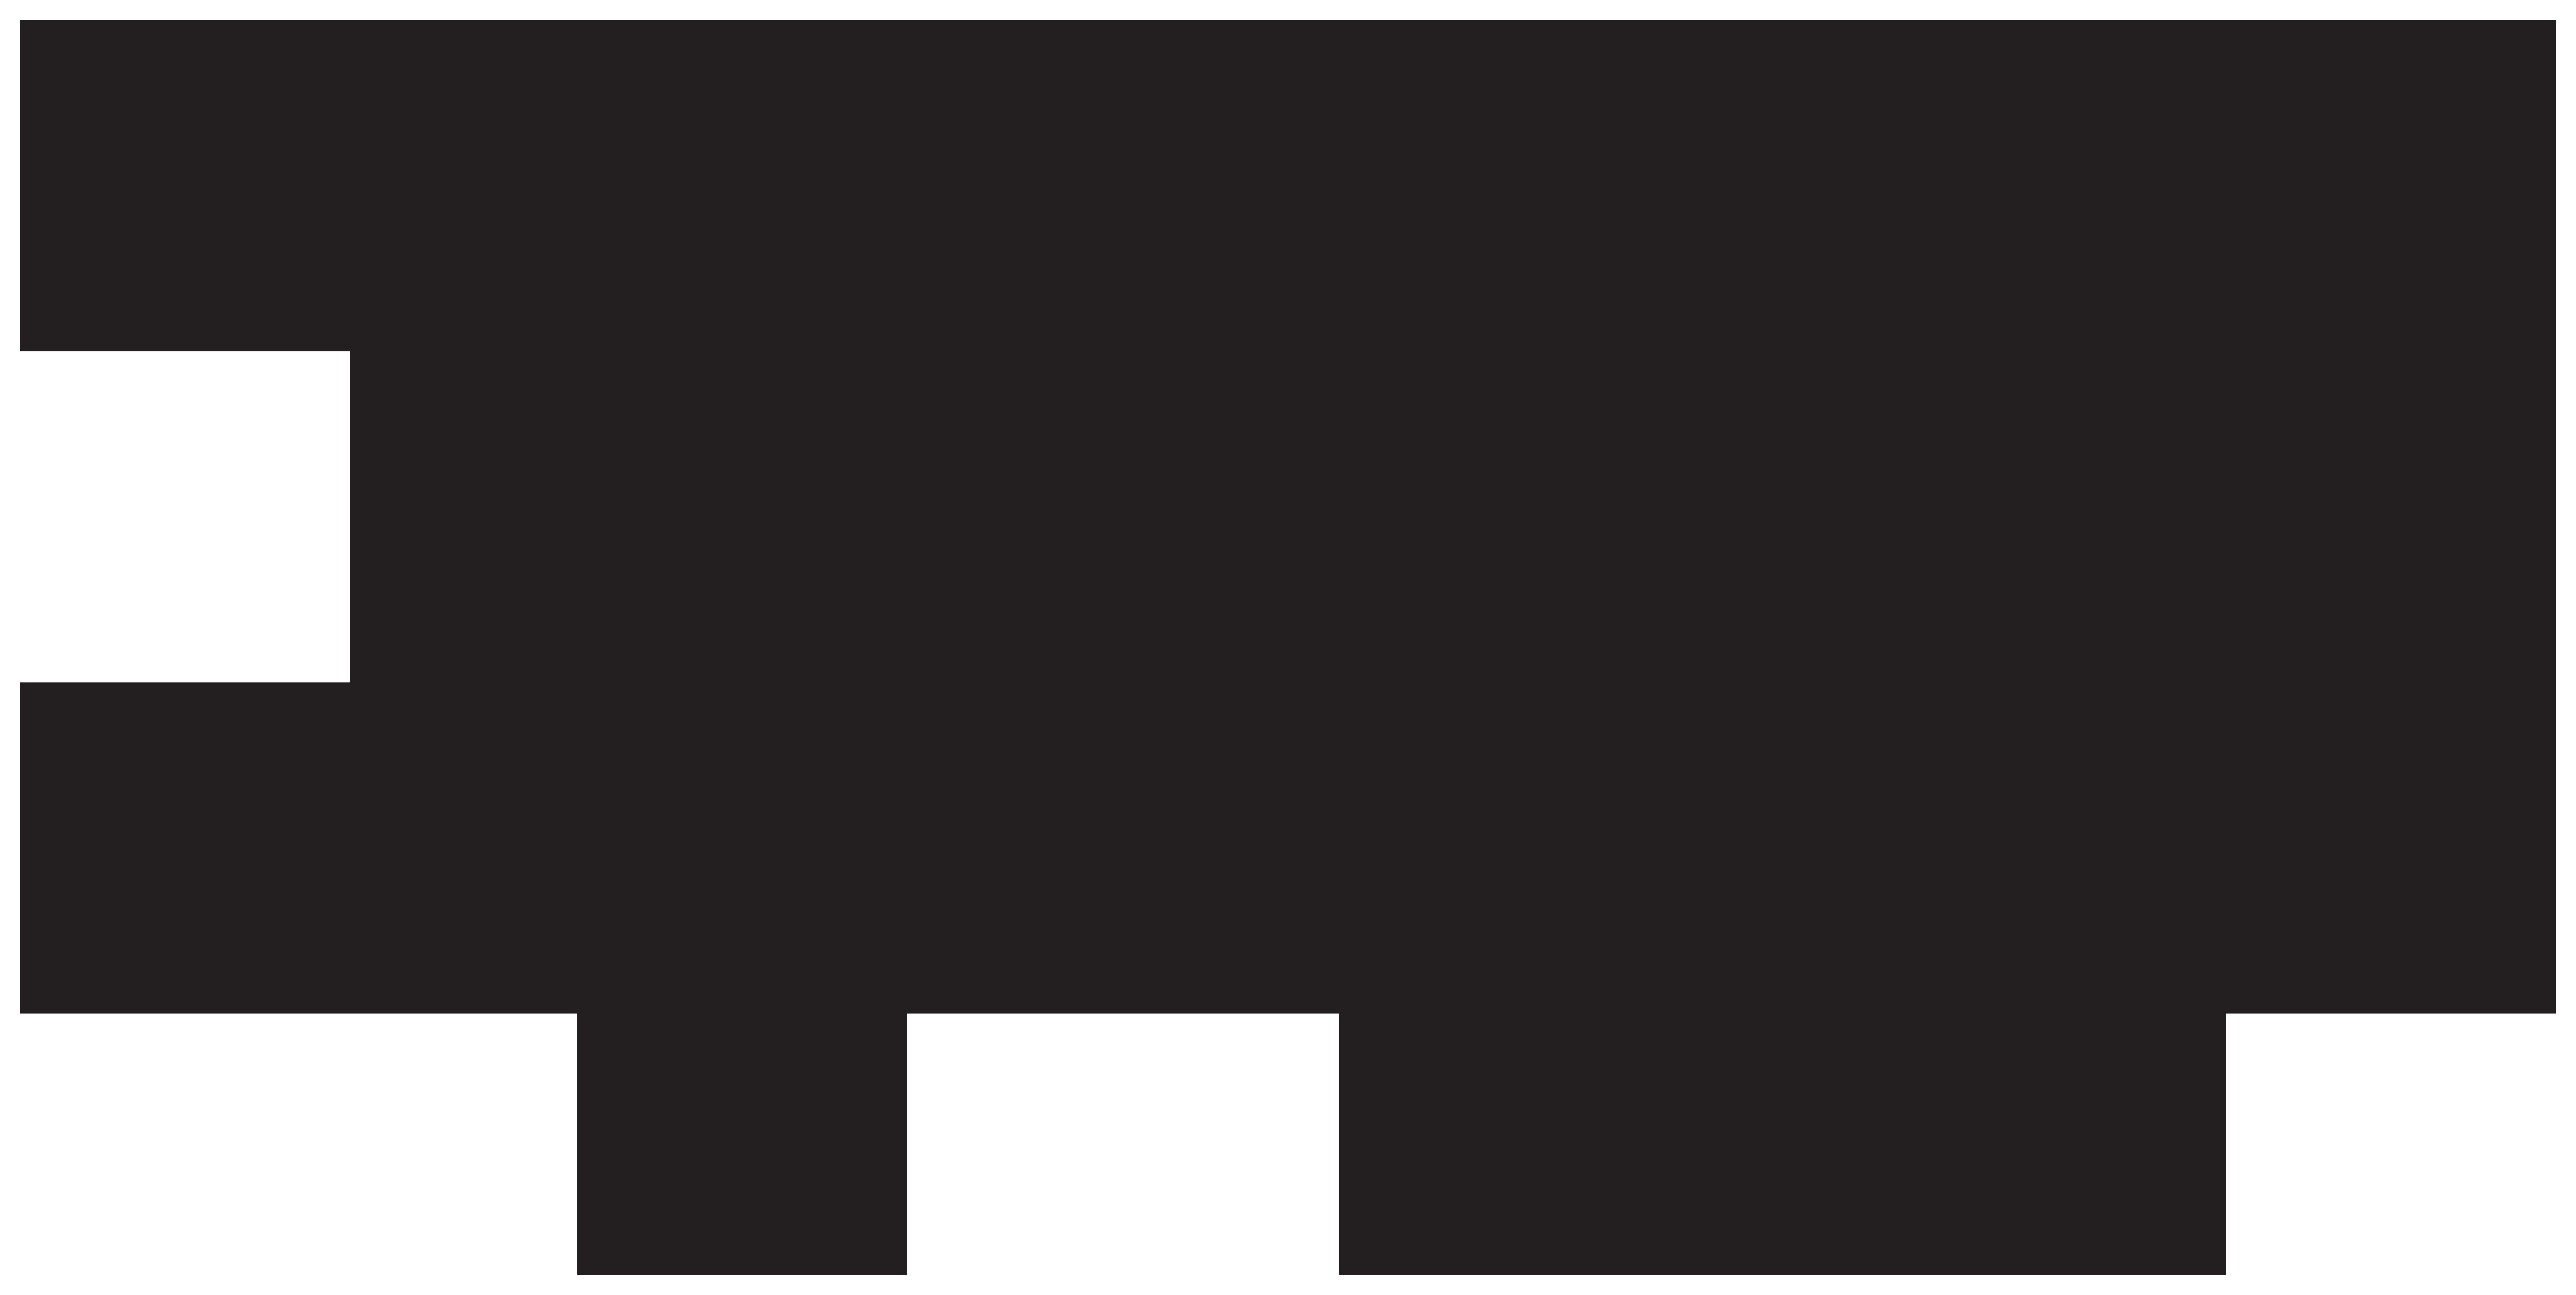 Small Plane Silhouette Clip Art Image.